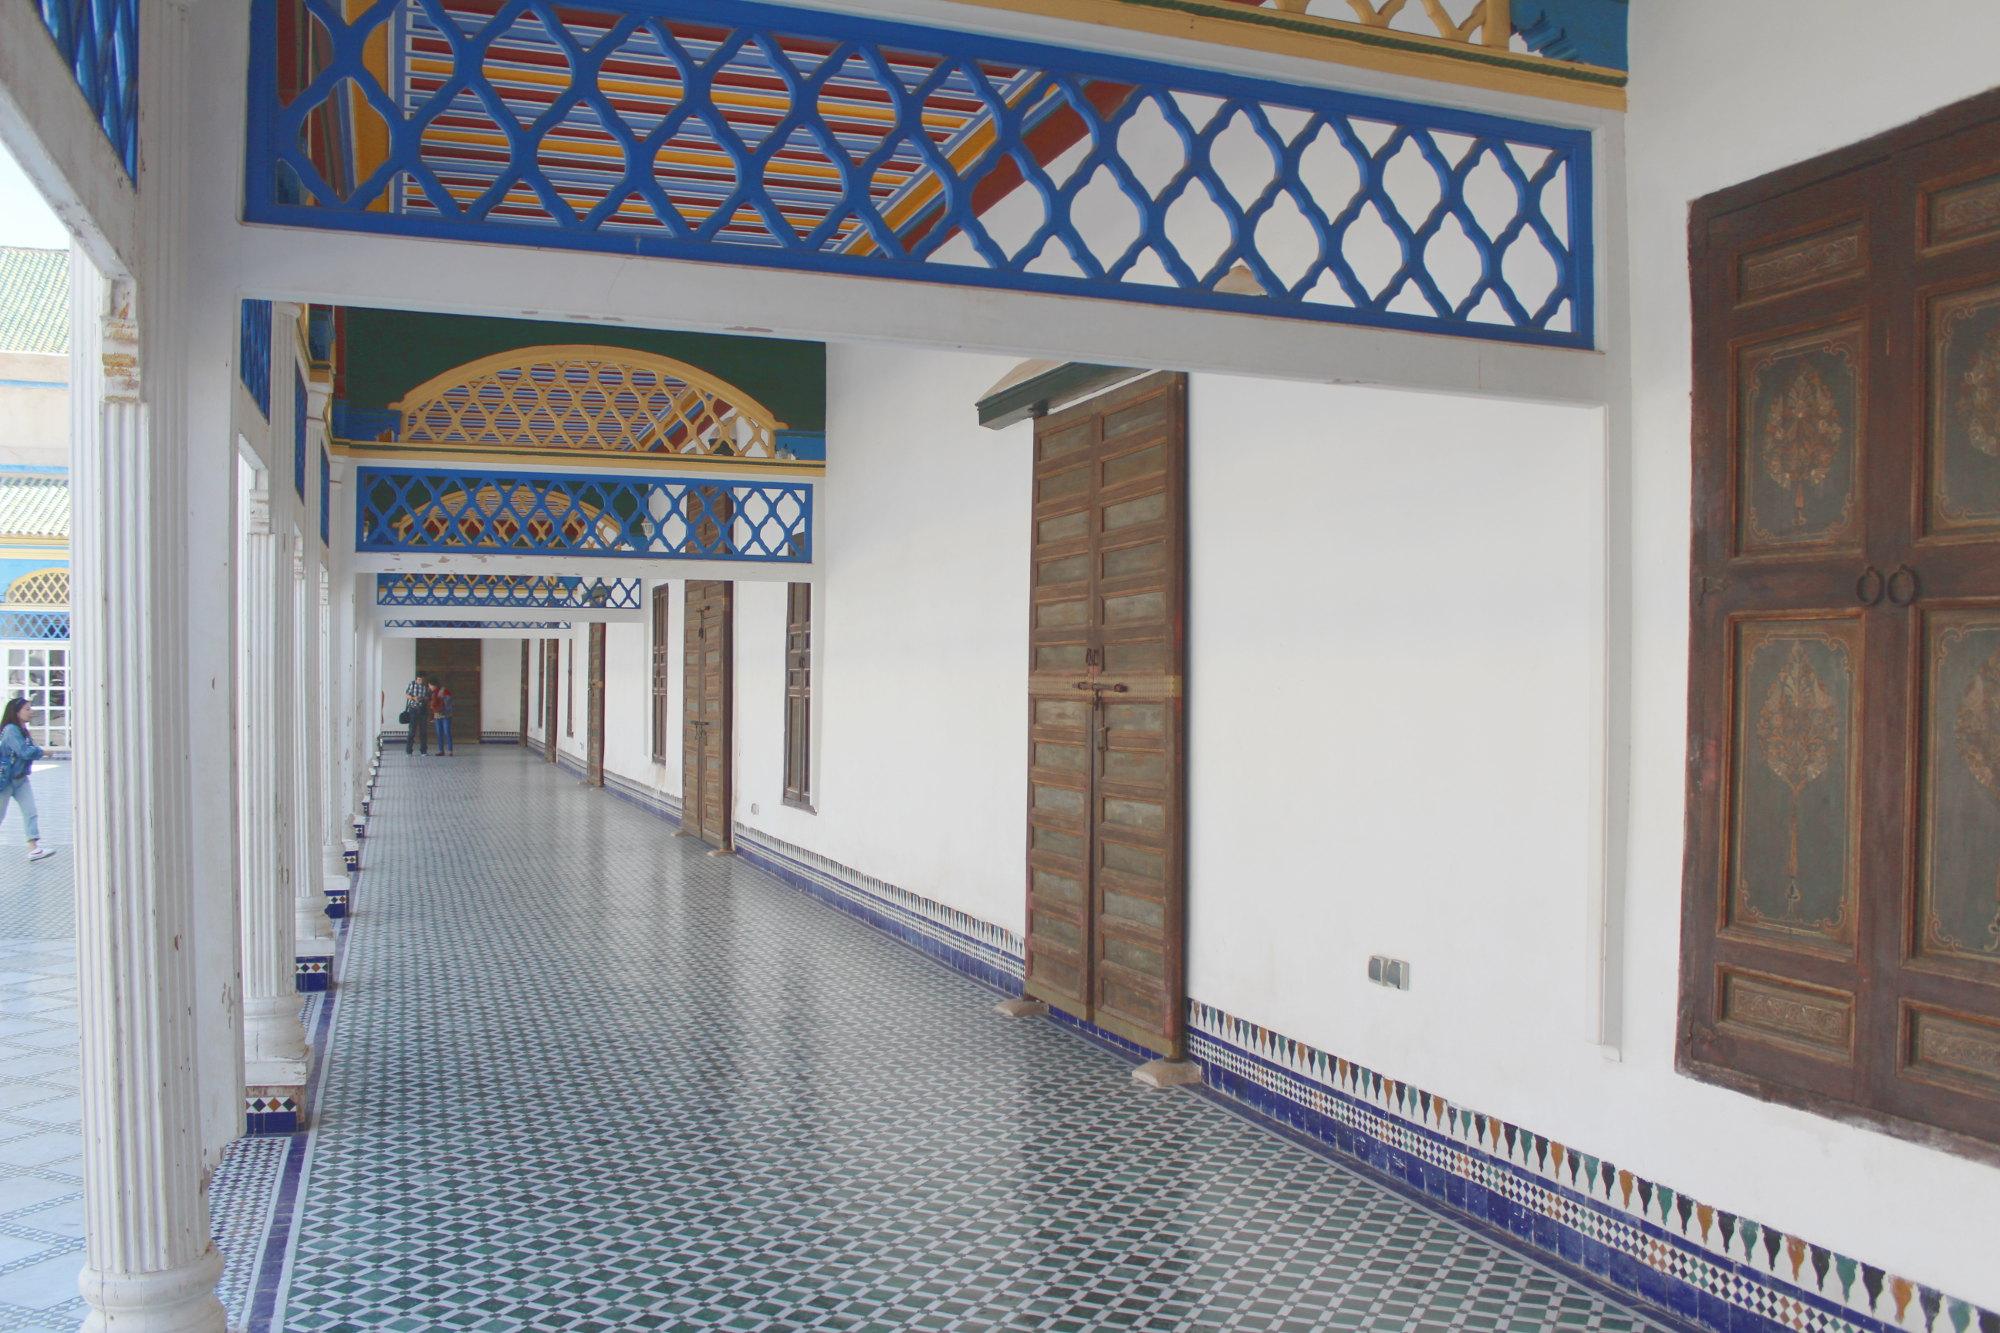 Seitengang im Palais de la Bahia